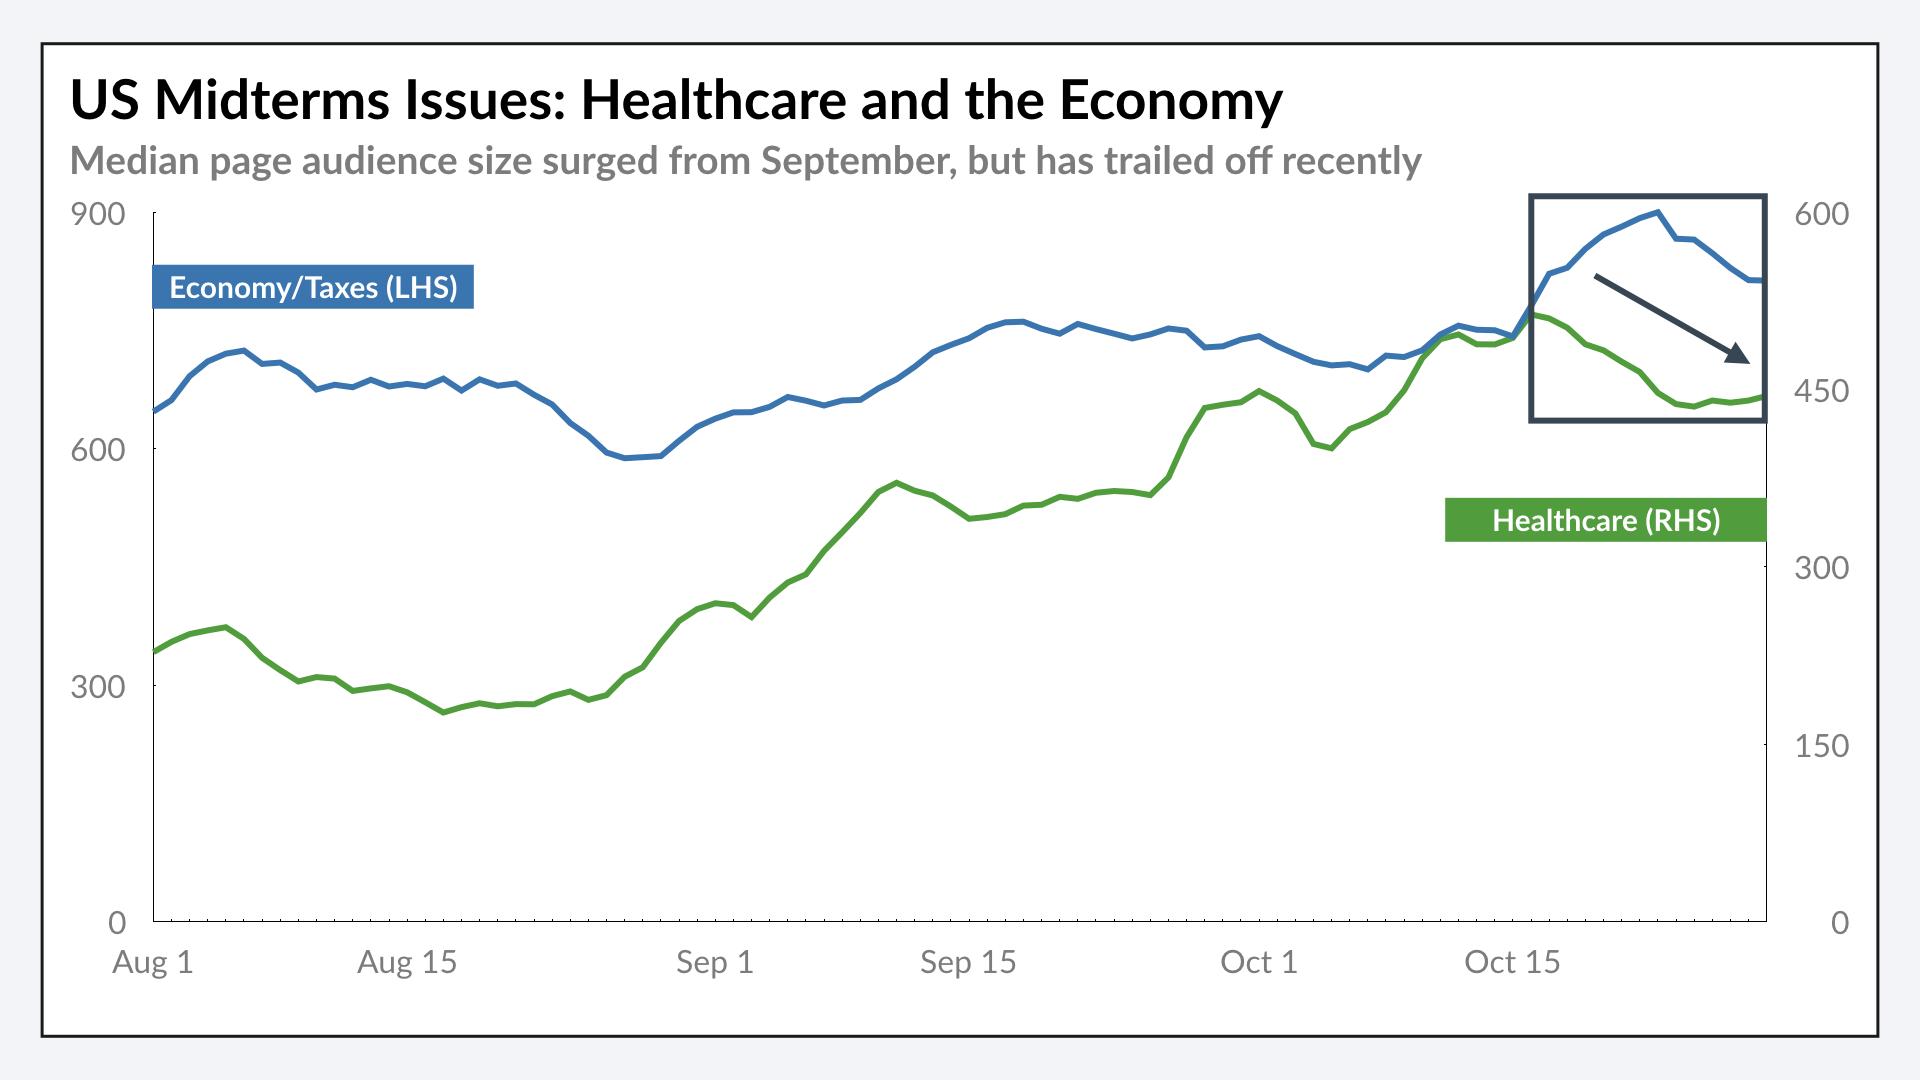 Healthcare/Economy